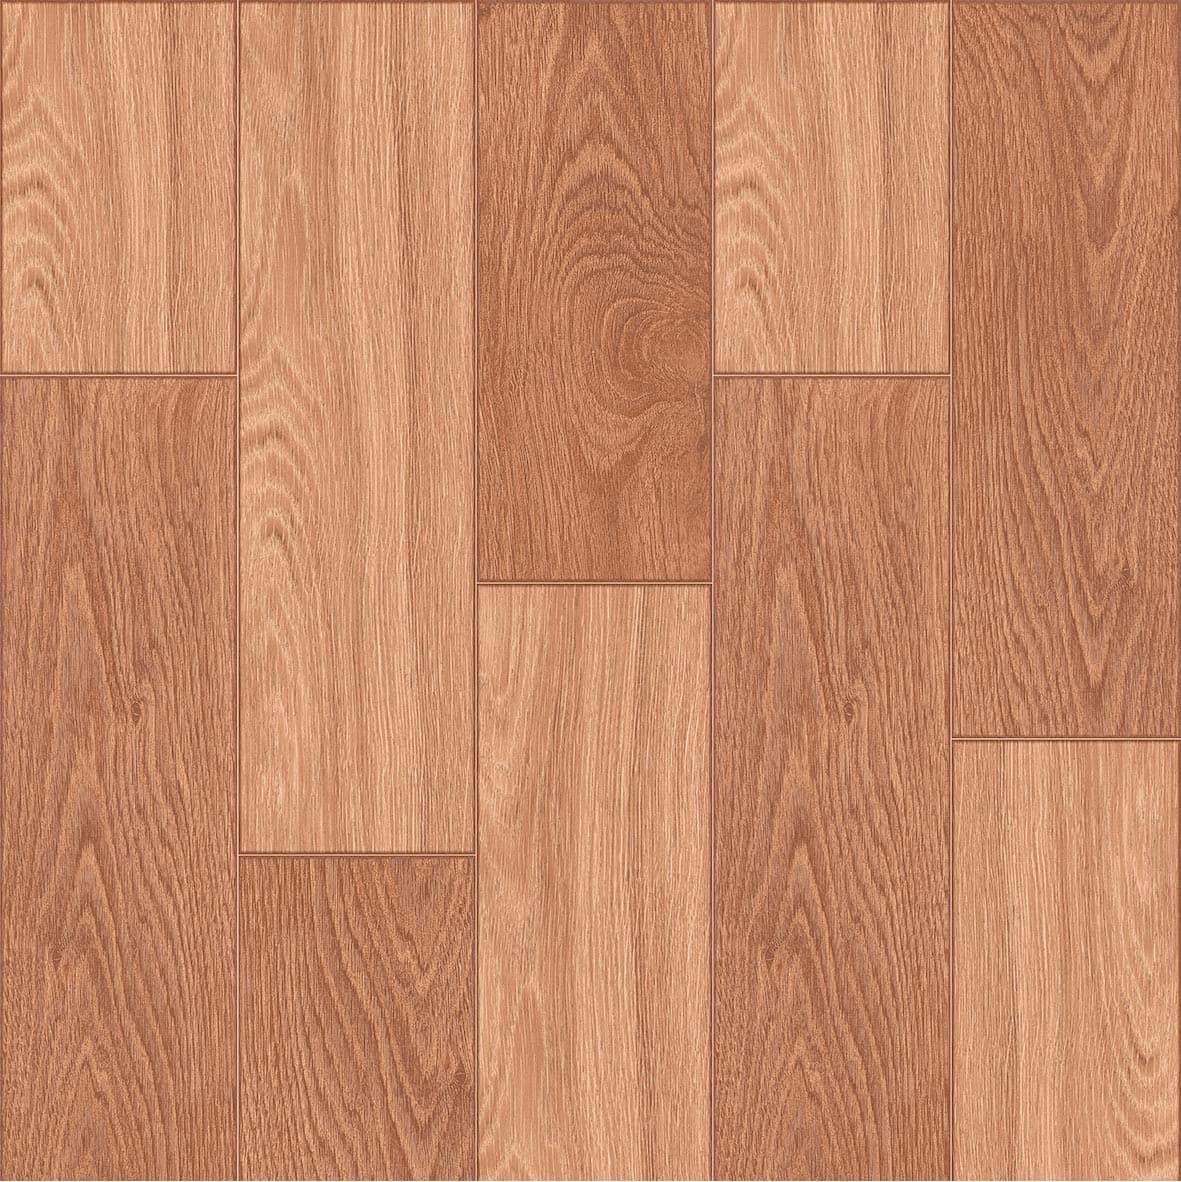 Wooden Wood Polished Porcelain Floor